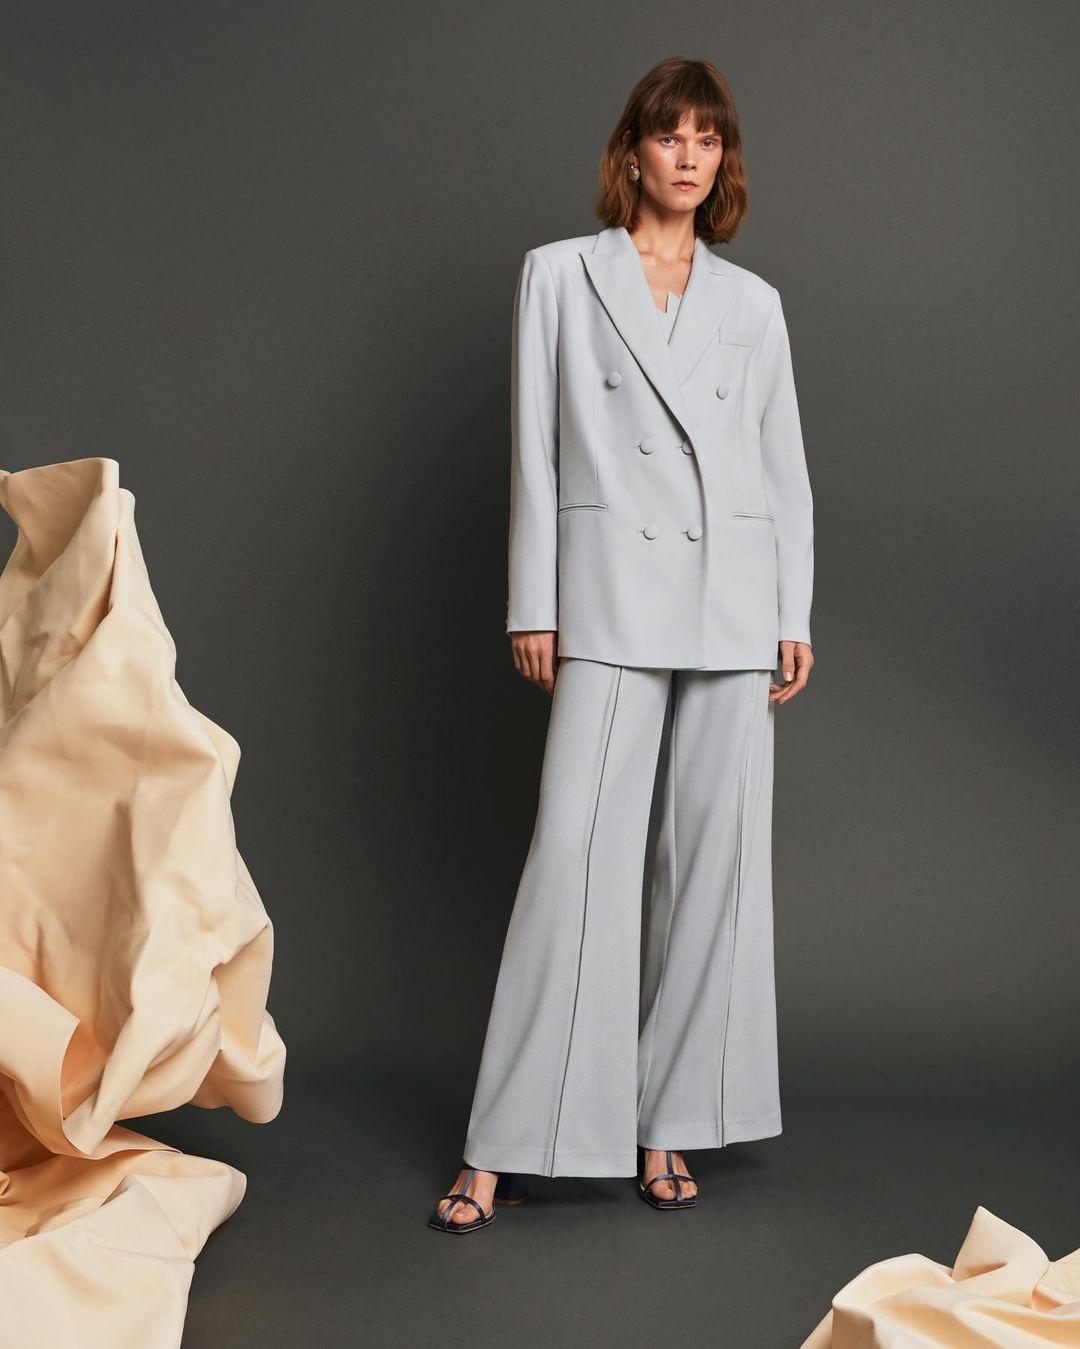 модный женский брючный костюм украинский бренд осень 2021 голубой брюки клеш